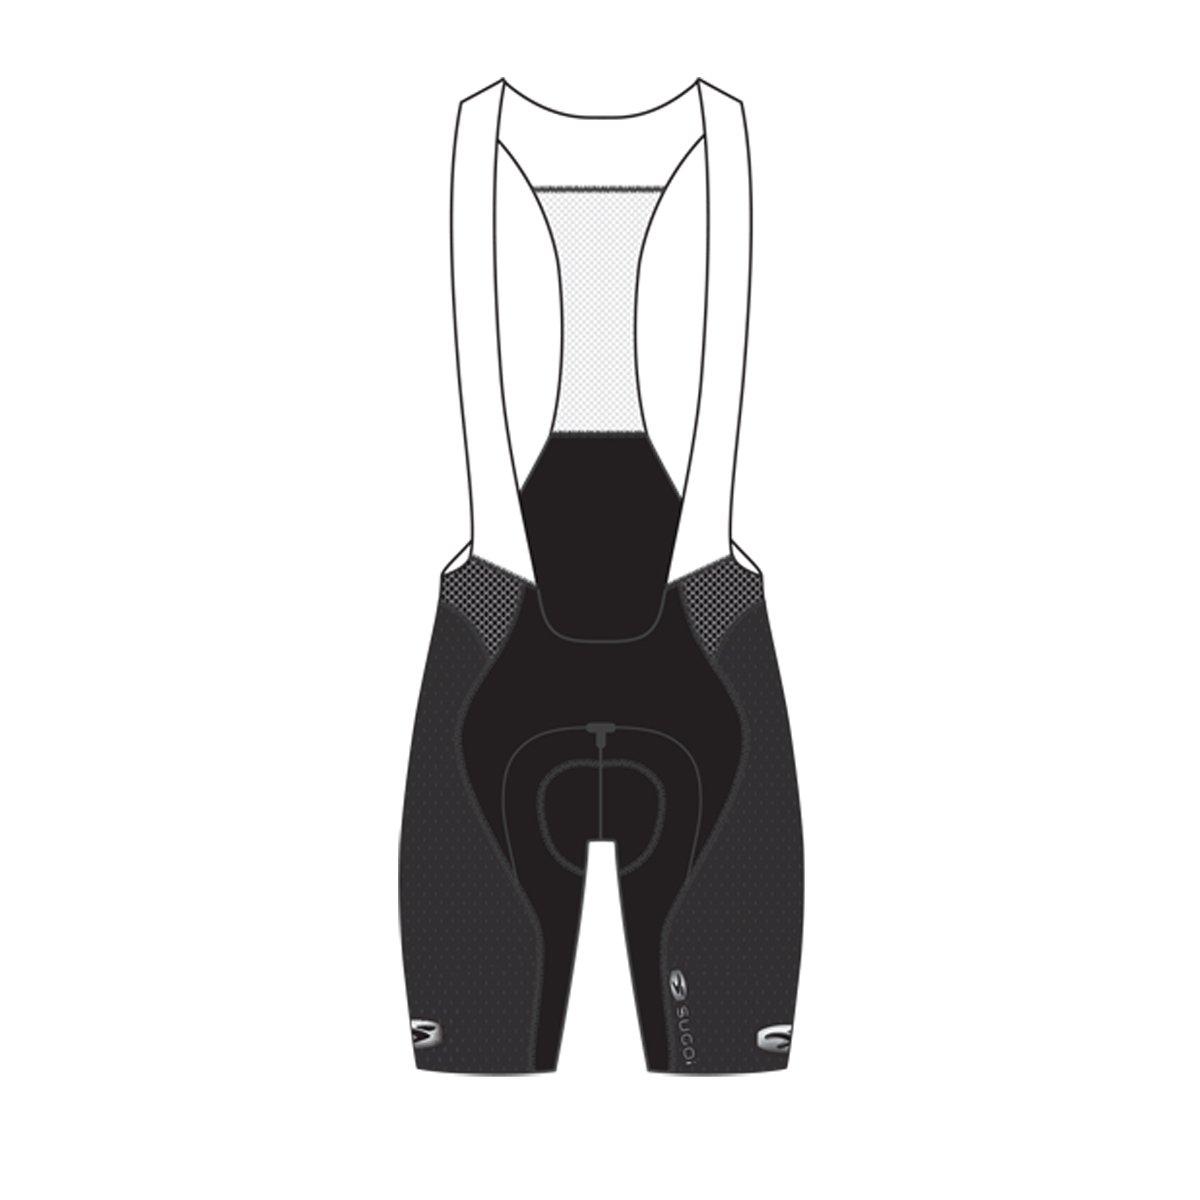 (キャノンデール / スゴイ)SUGOi サイクルパンツ RSE ビブショーツ B01CDD3G48 X-Large|ブラック ブラック X-Large